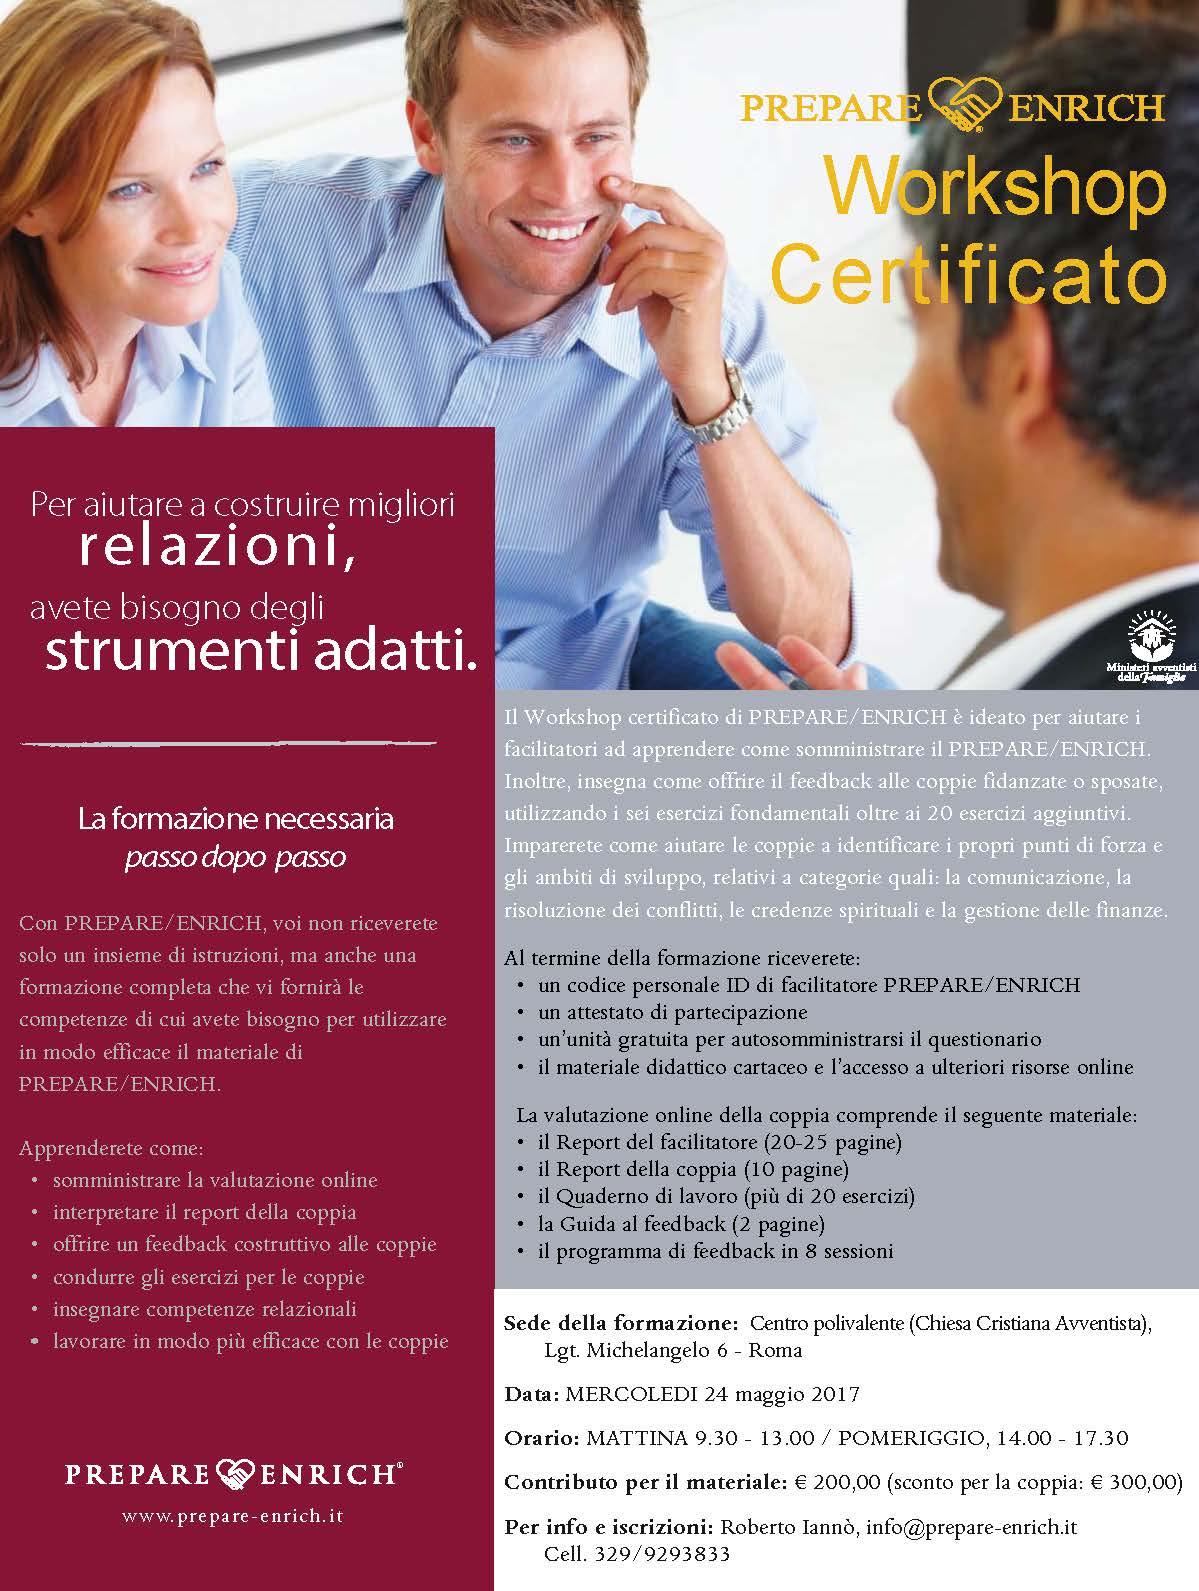 Workshop Certificato, maggio 2017